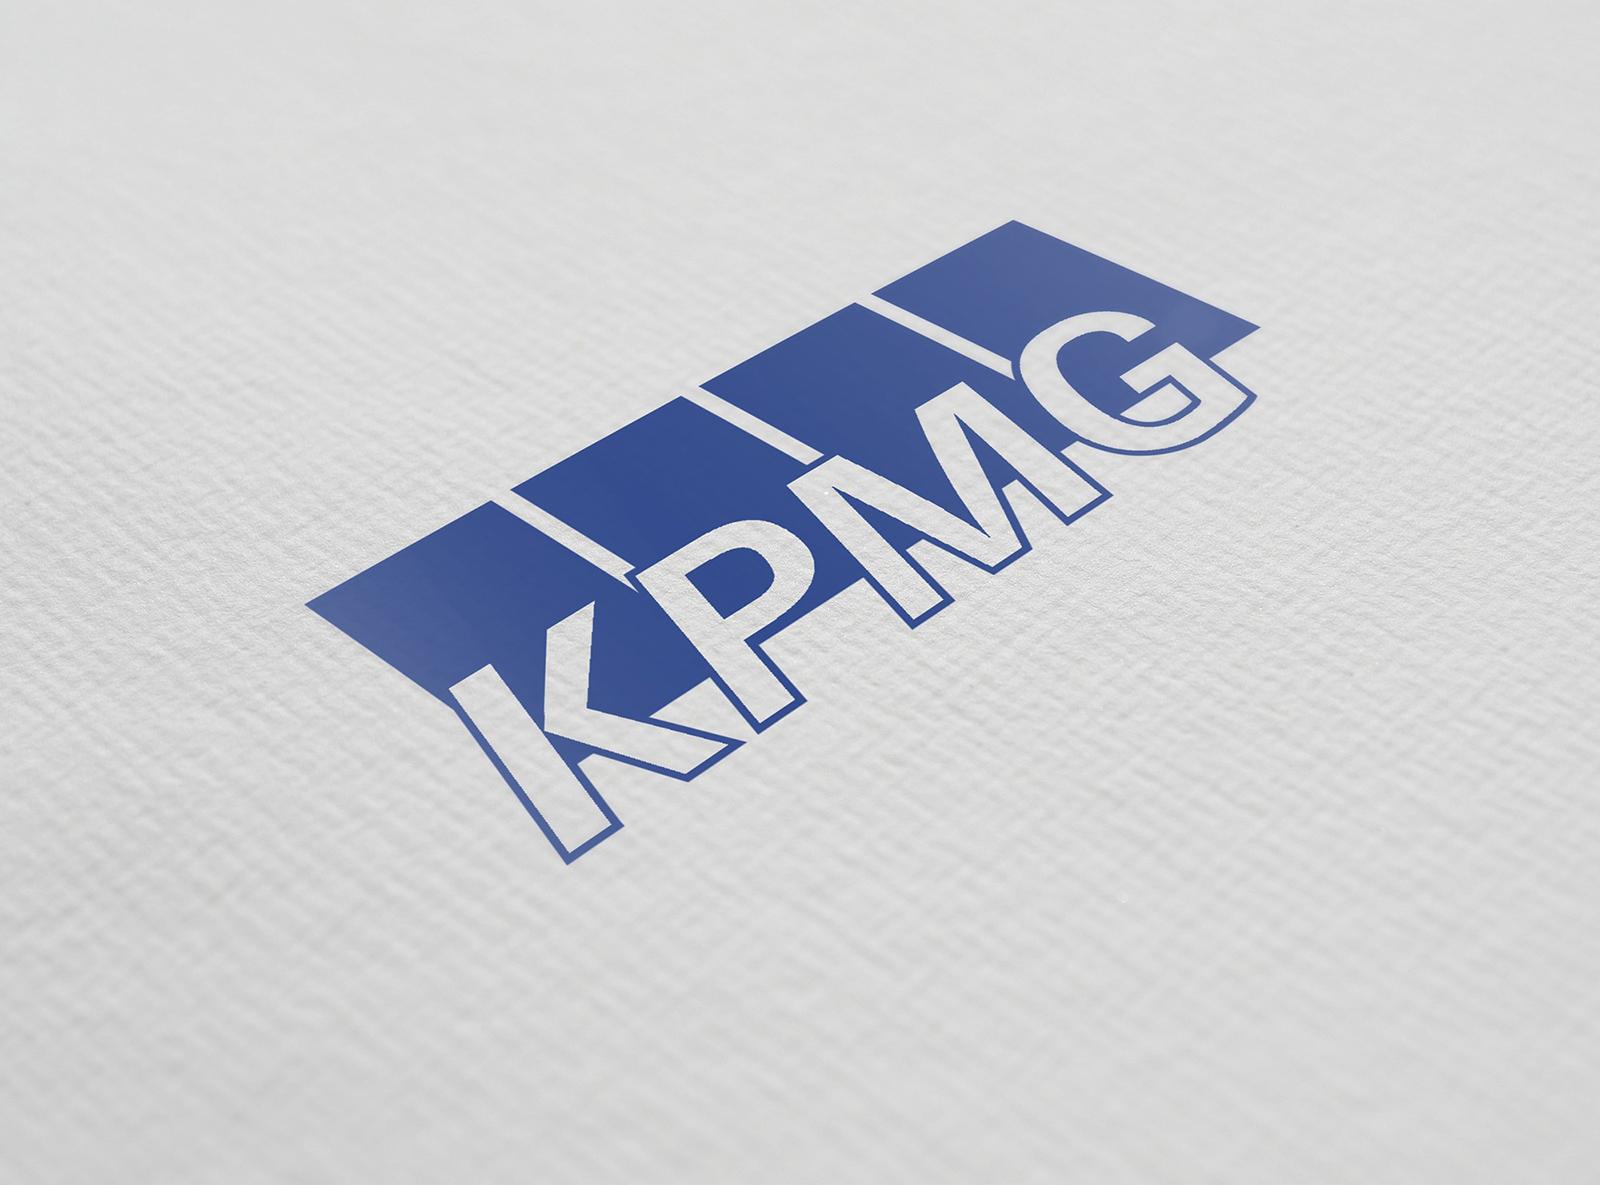 kpmg-min1